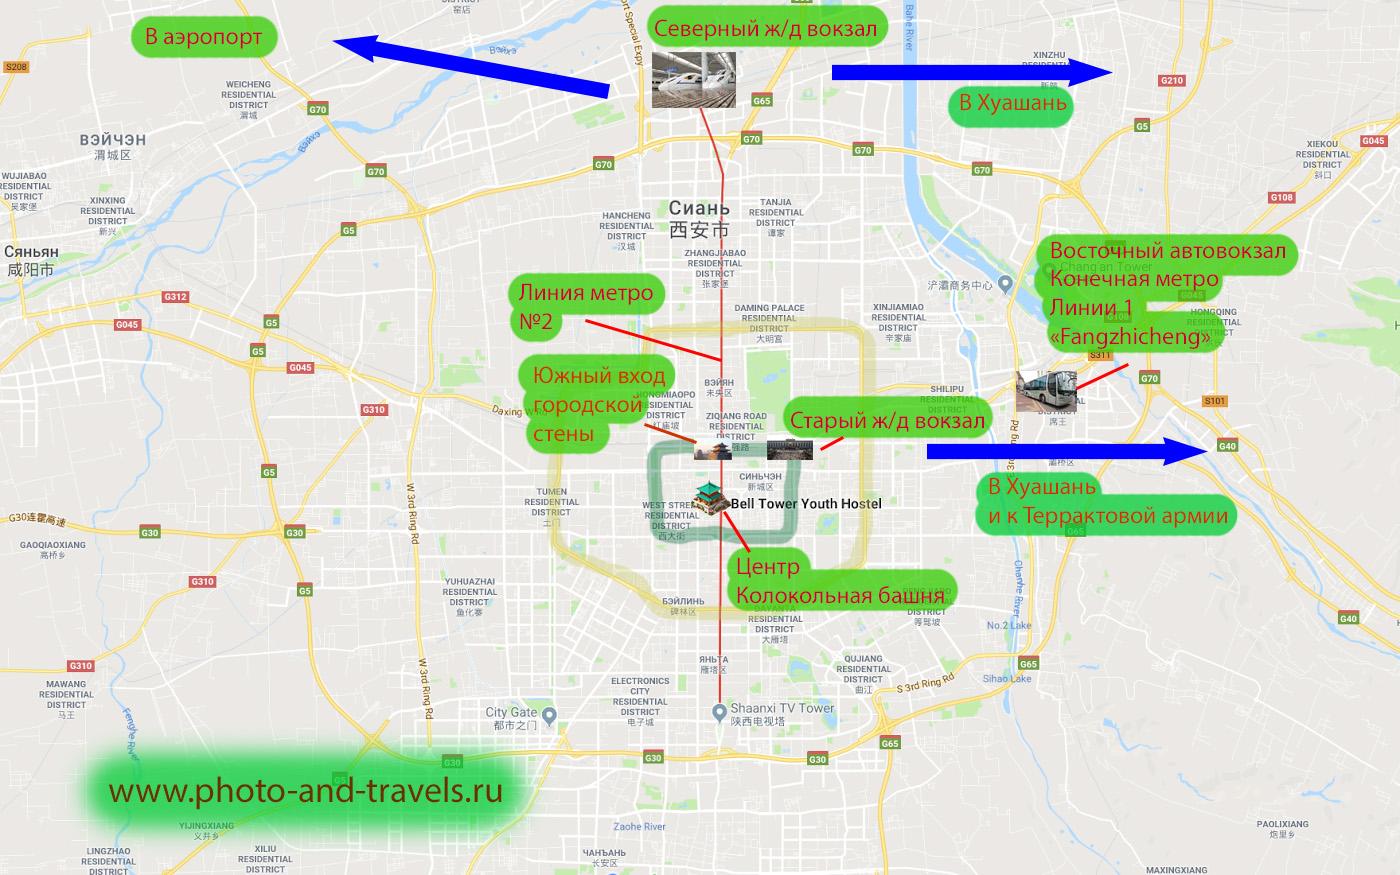 4. Где жить в Сиане? Карта расположения достопримечательностей города и хостела «Bell Tower Youth Hostel». Как доехать до Хуашань и к Терракотовой армии самостоятельно.